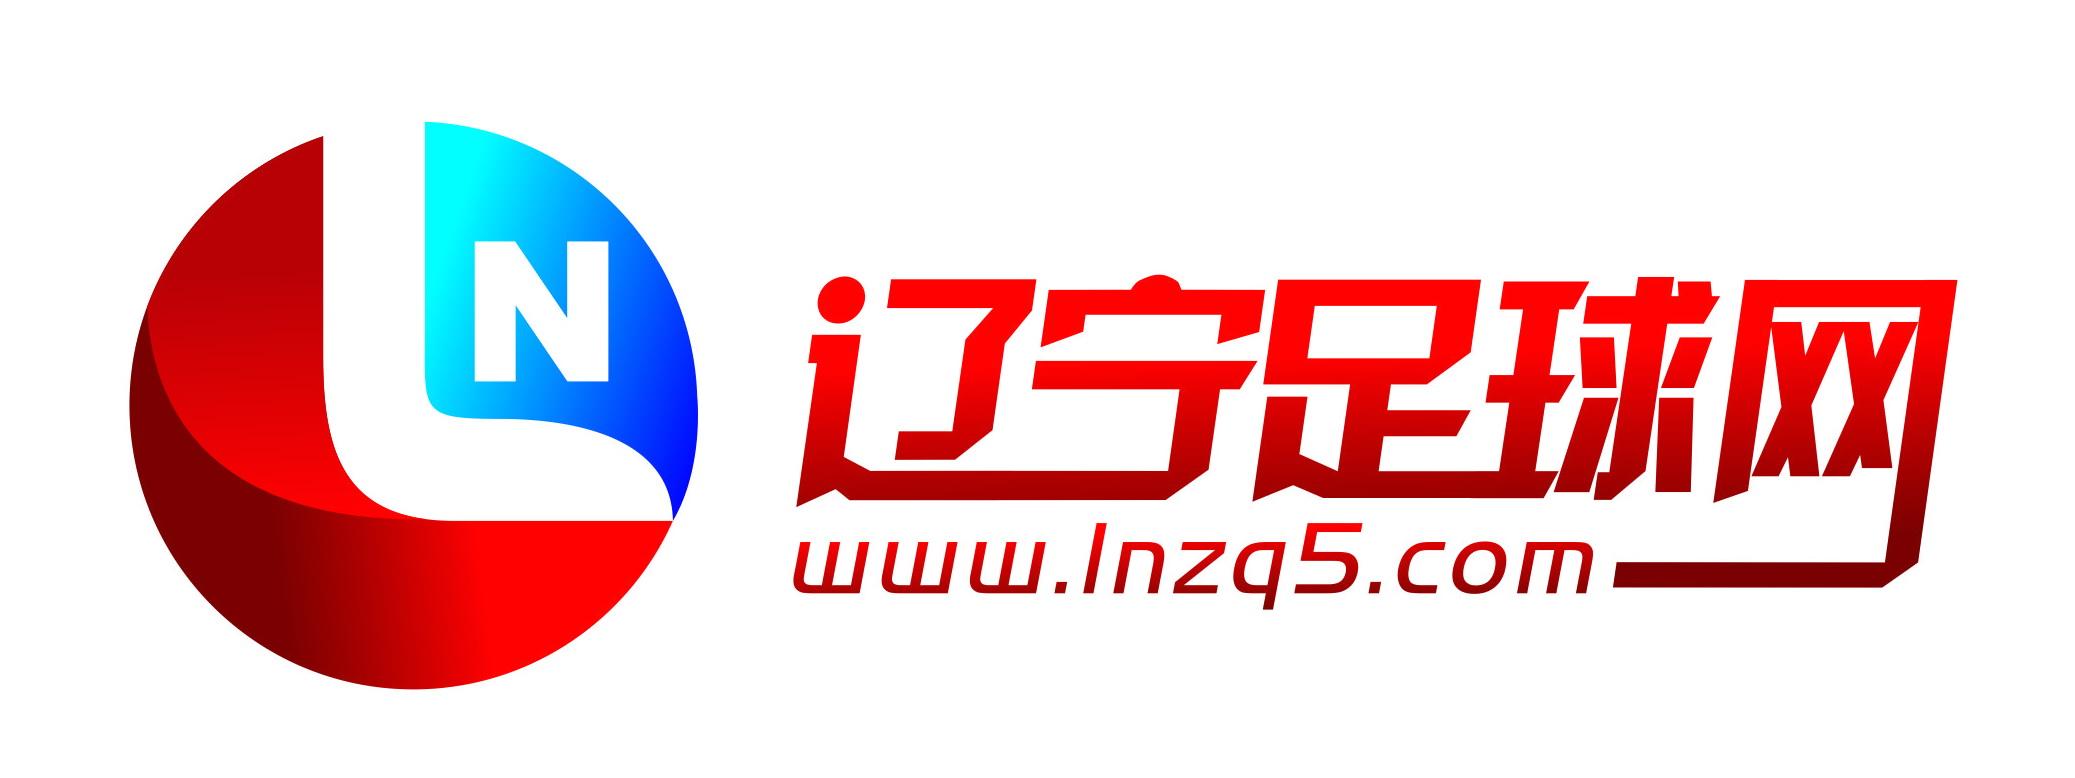 辽宁足球网水印logo